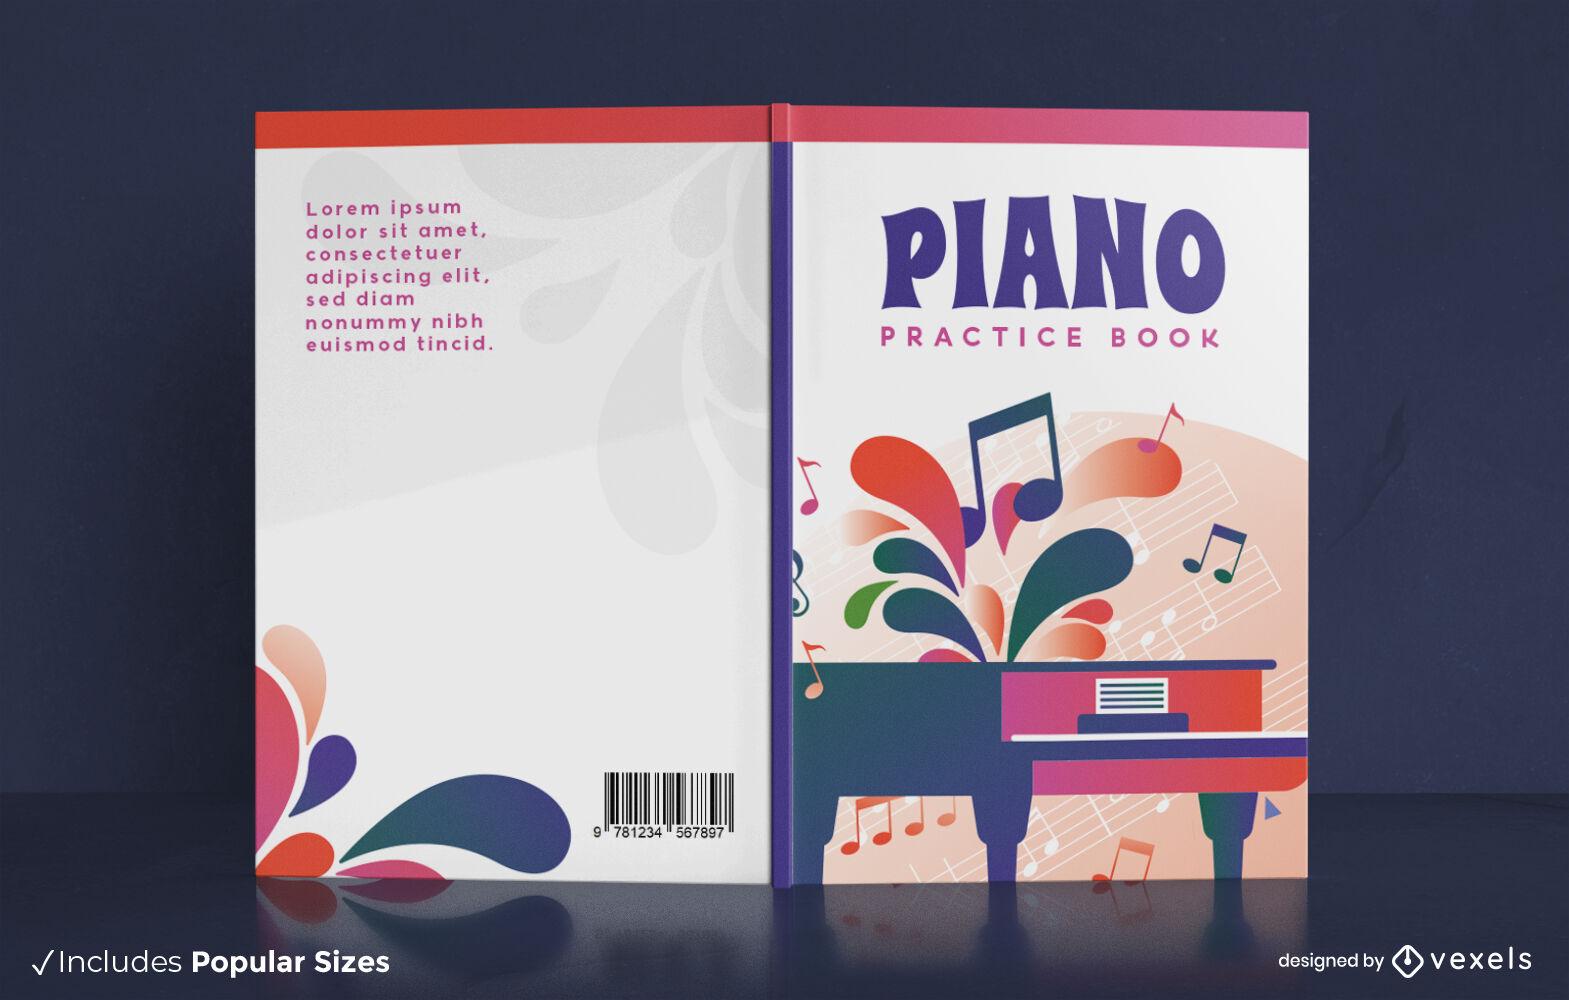 Diseño de portada de libro de instrumentos musicales de piano.